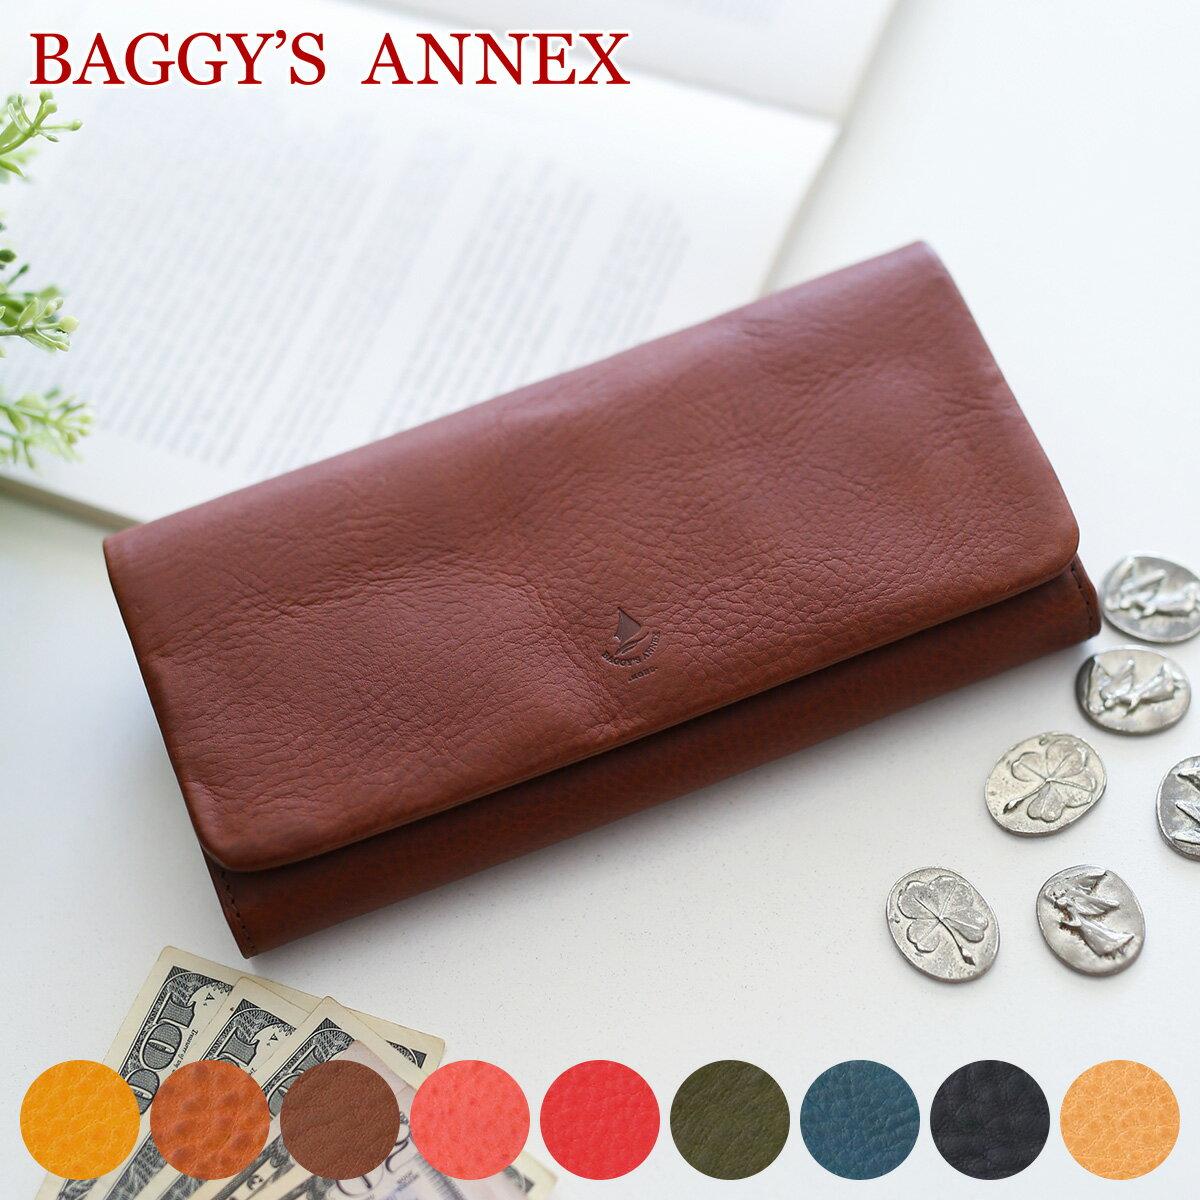 【選べるかわいいノベルティ付】 BAGGY'S ANNEX バギーズアネックス 長財布 ミネルバミネルバボックス 小銭入れ付き長財布 LZYS-8004レディース 財布 BAGGY PORT バギーポート ギフト プレゼント